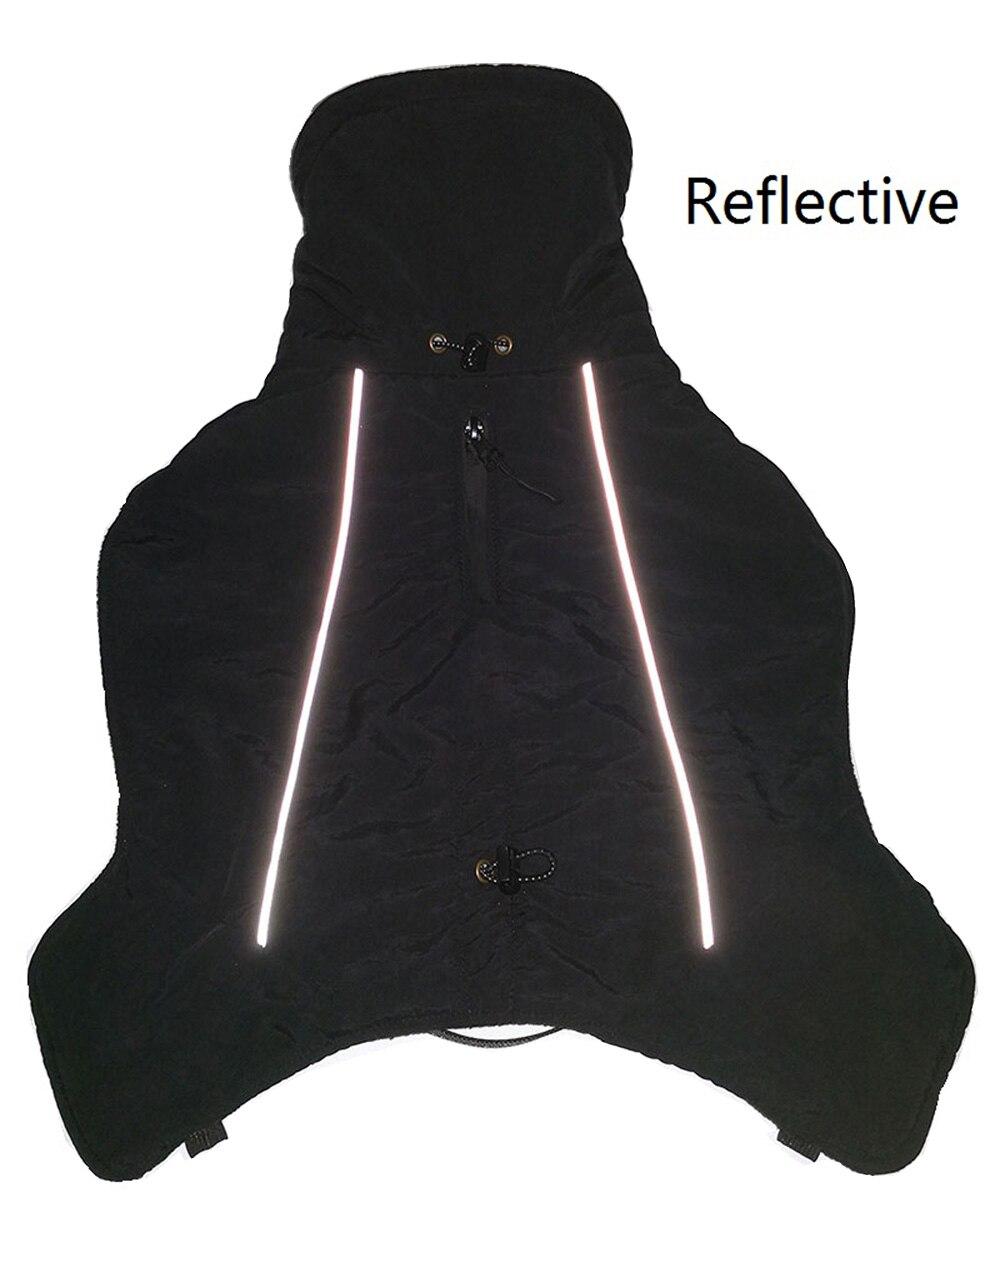 Зимние комбинезоны для собак, теплые Светоотражающие пальто для собак, лыжная куртка, водонепроницаемая одежда для собак, функциональный дизайн для S средних и больших собак-3